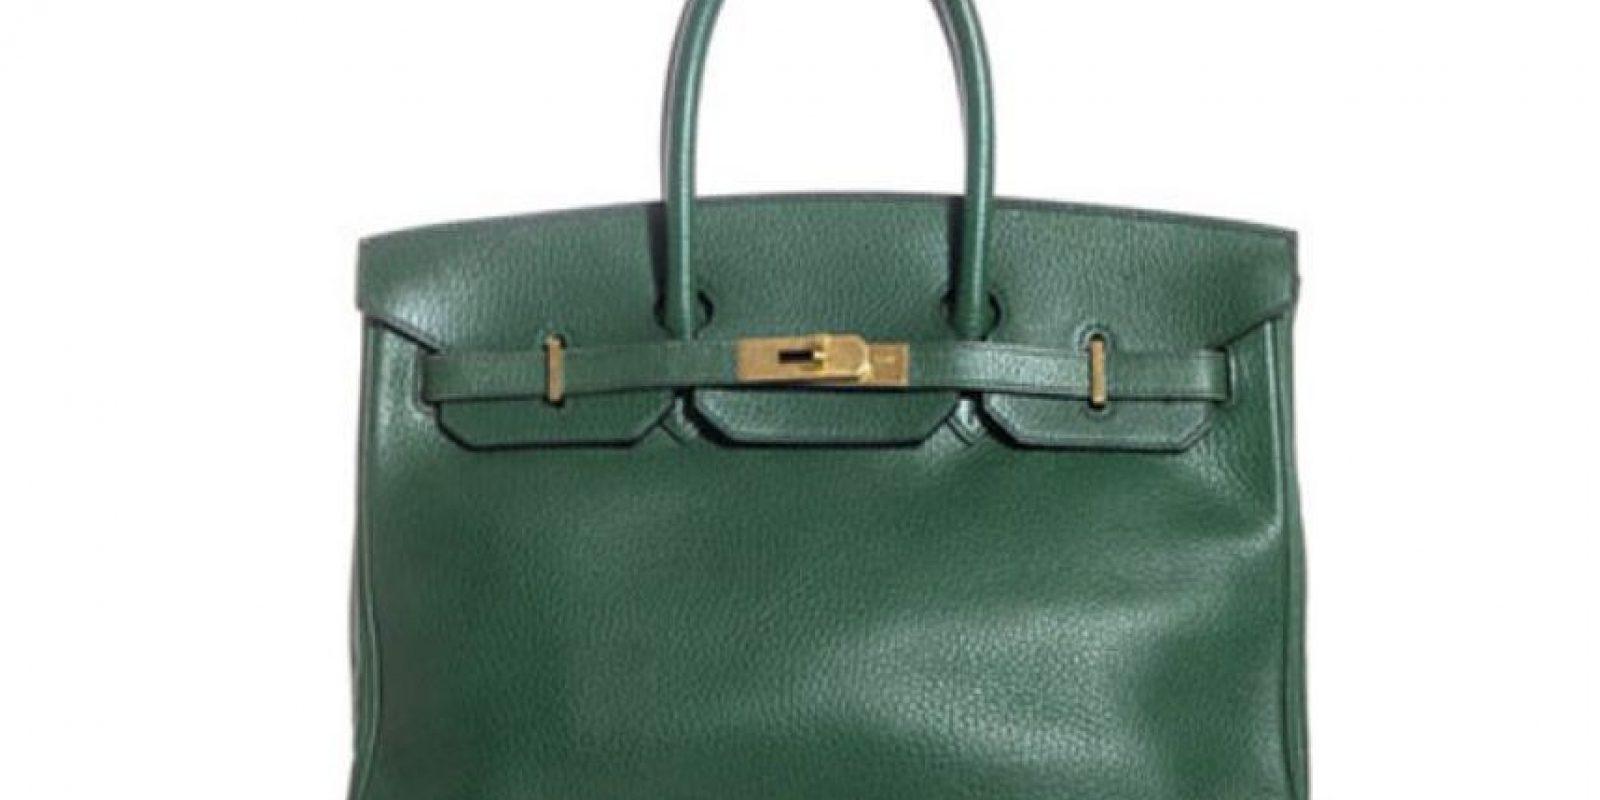 El icónico bolso Birkin de Hermes cuesta 10 mil dólares Foto: Hermes